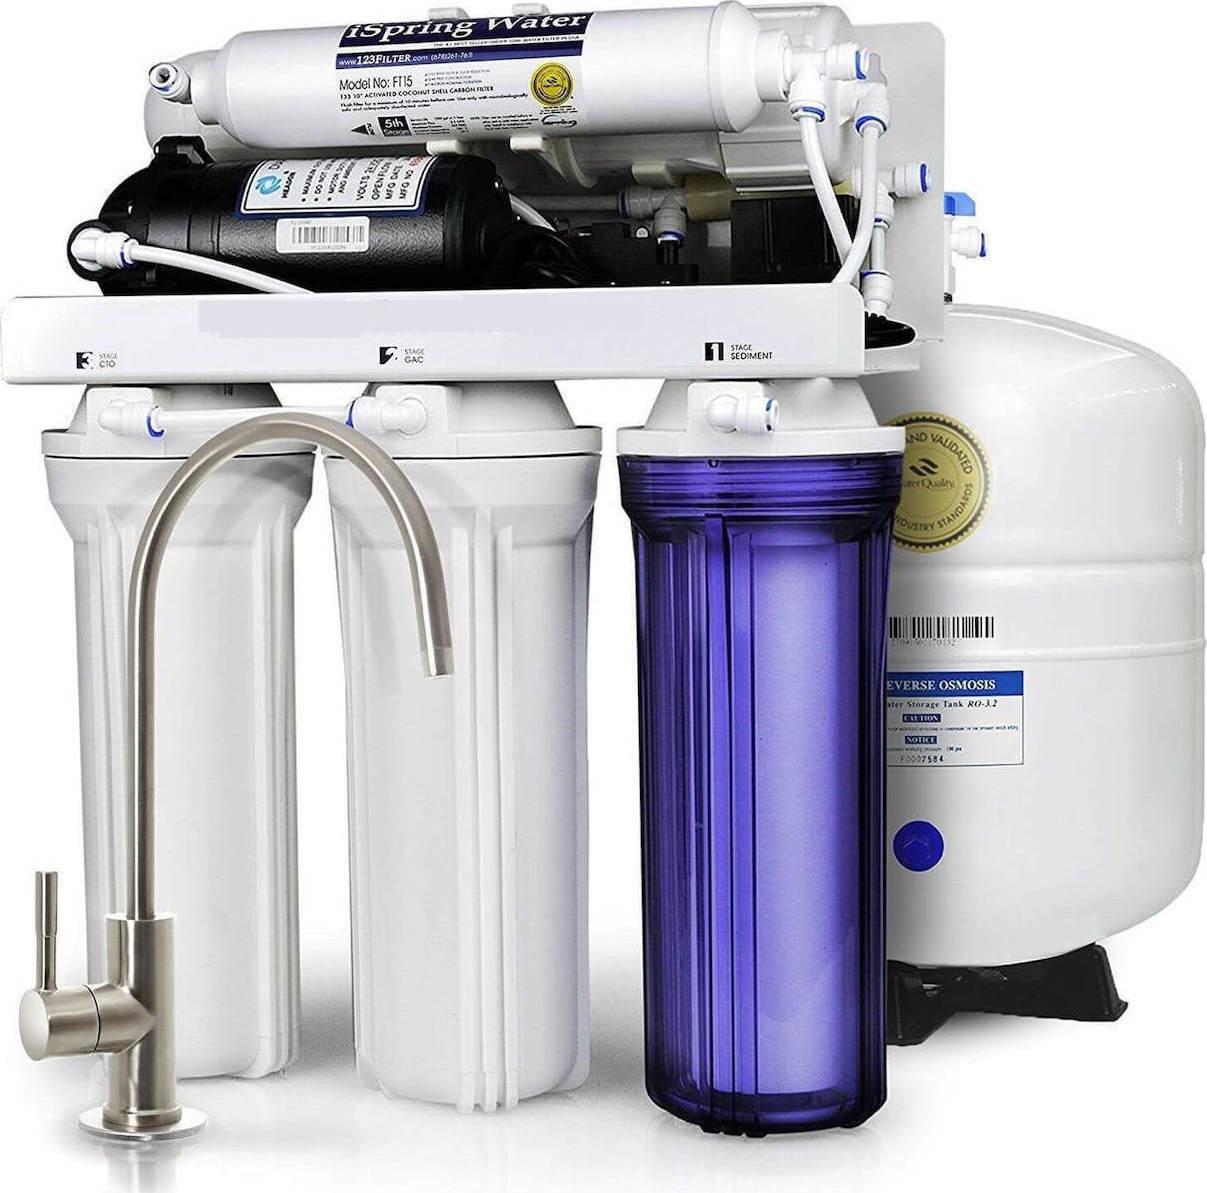 Σύστημα καθαρισμού νερού 5 σταδίων Αντίστροφης Όσμωσης Eiger RO ECO 5